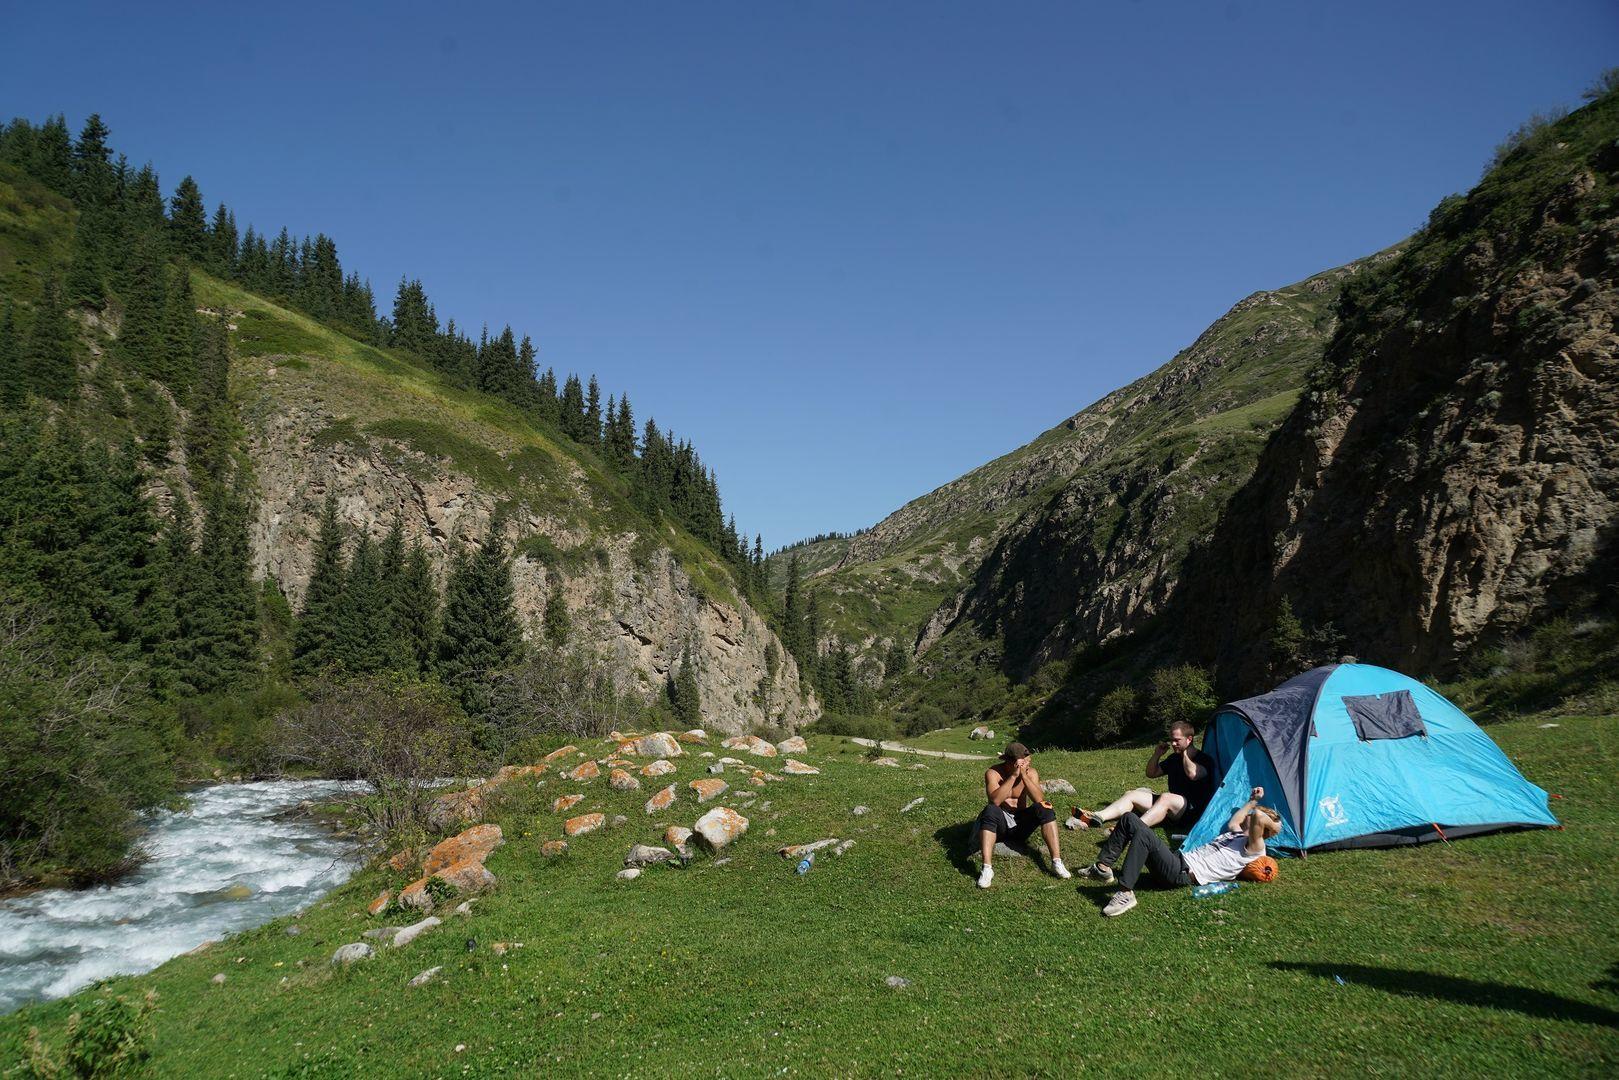 Central Asia, Kyrgyzstan